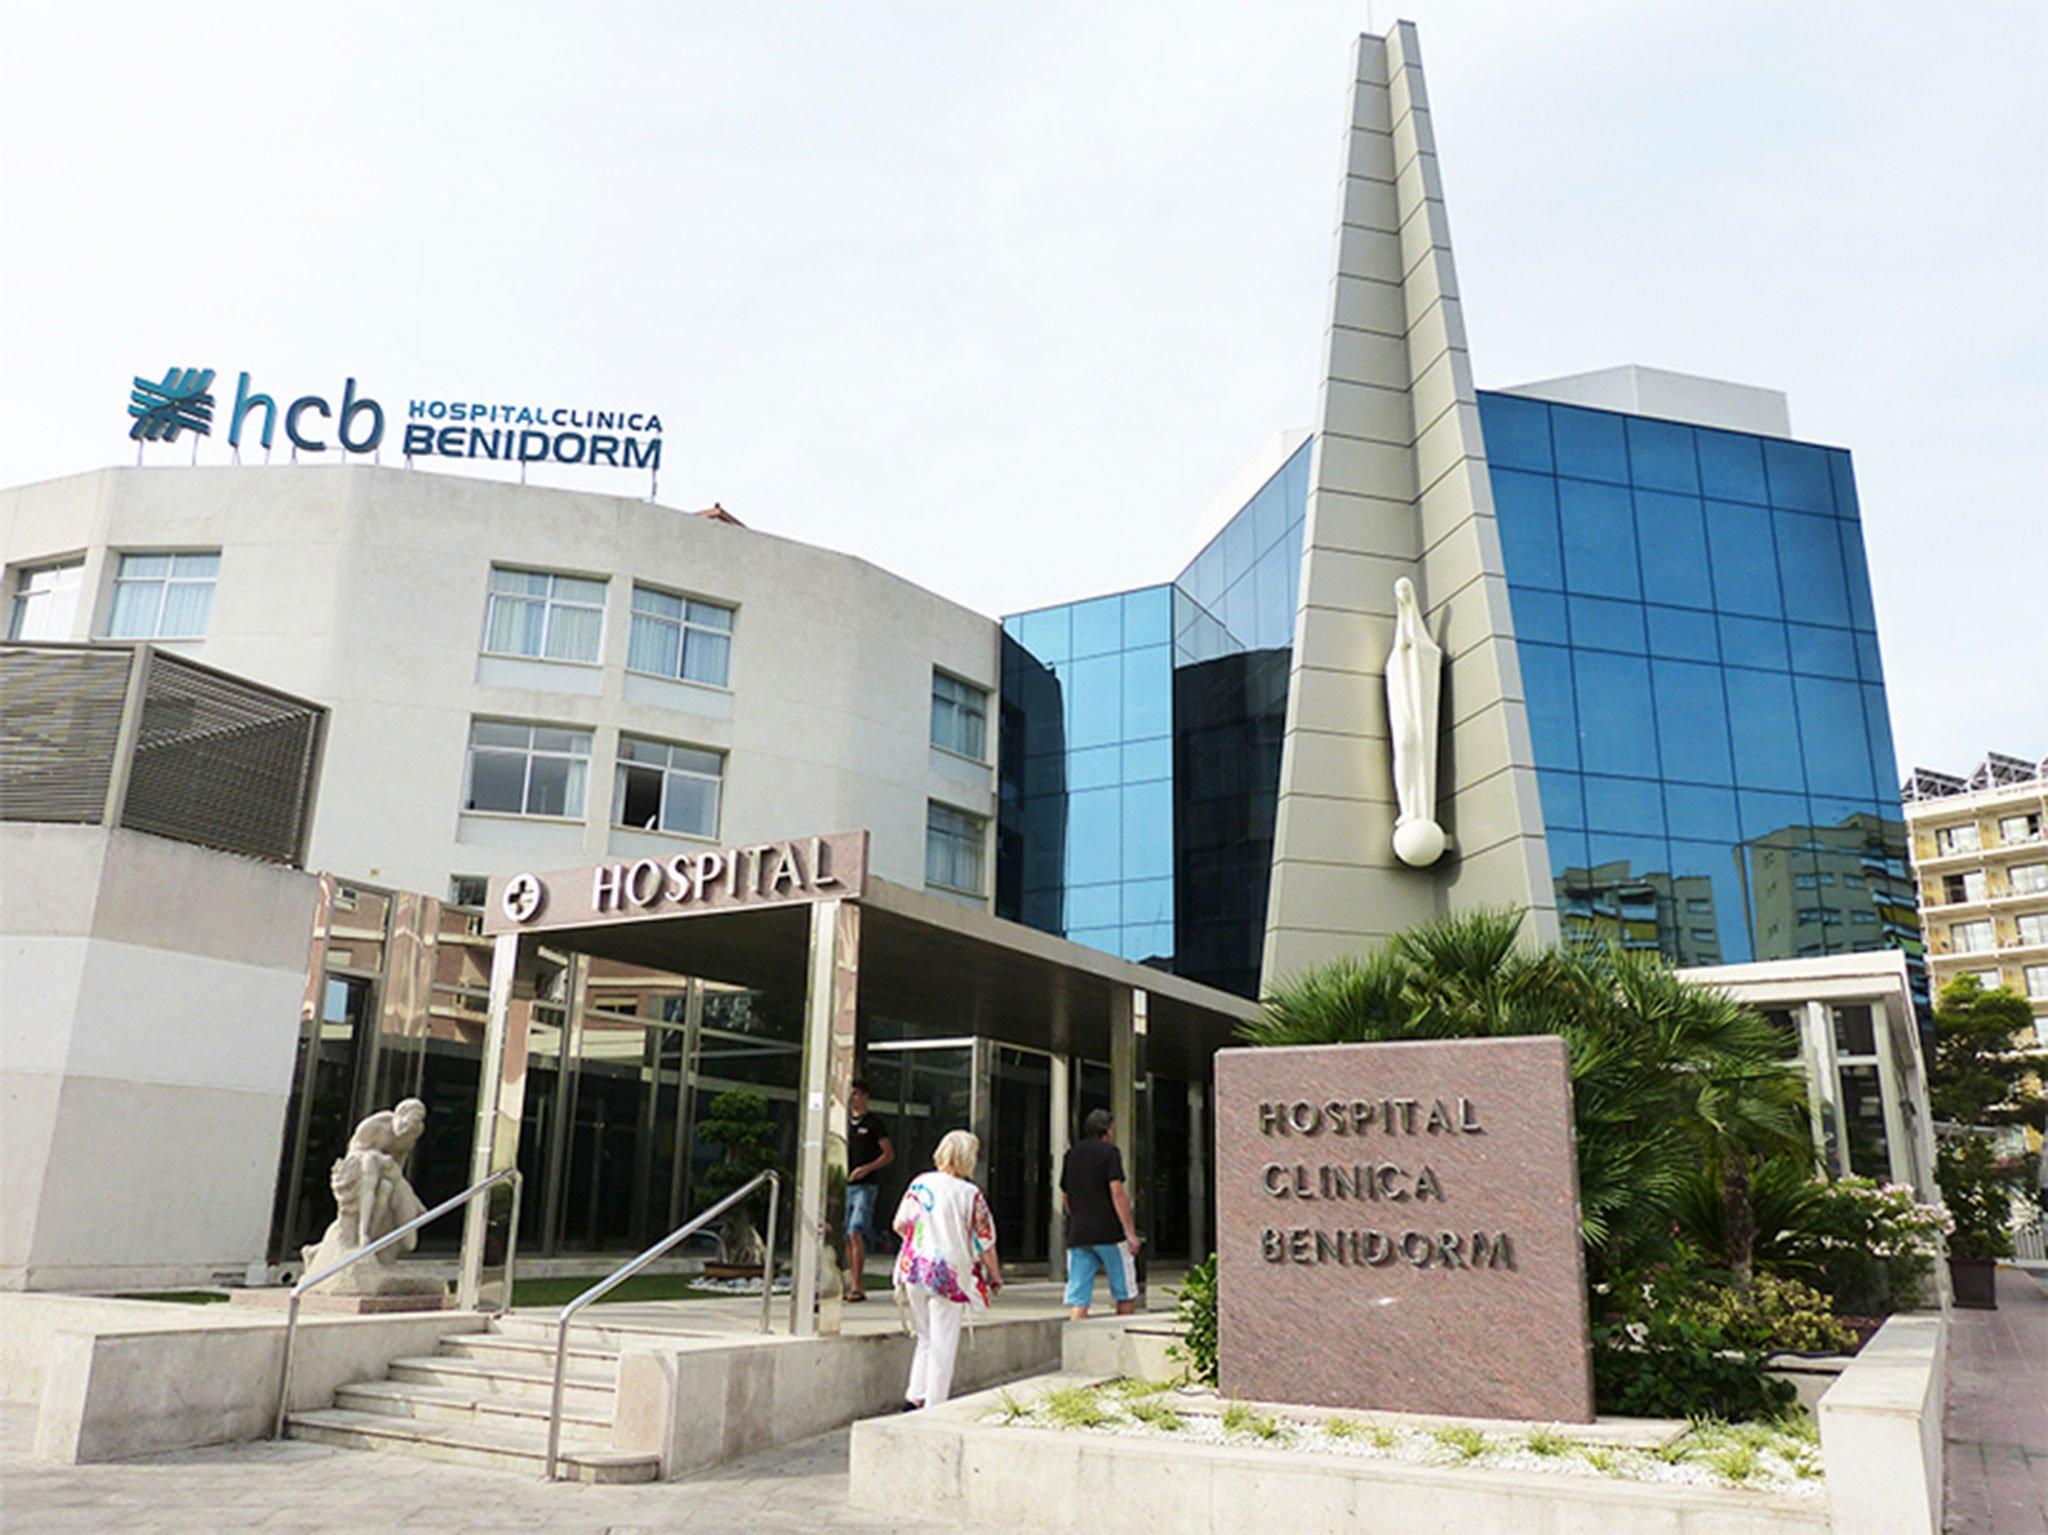 Fachada de Hospital Clínica Benidorm (HCB)